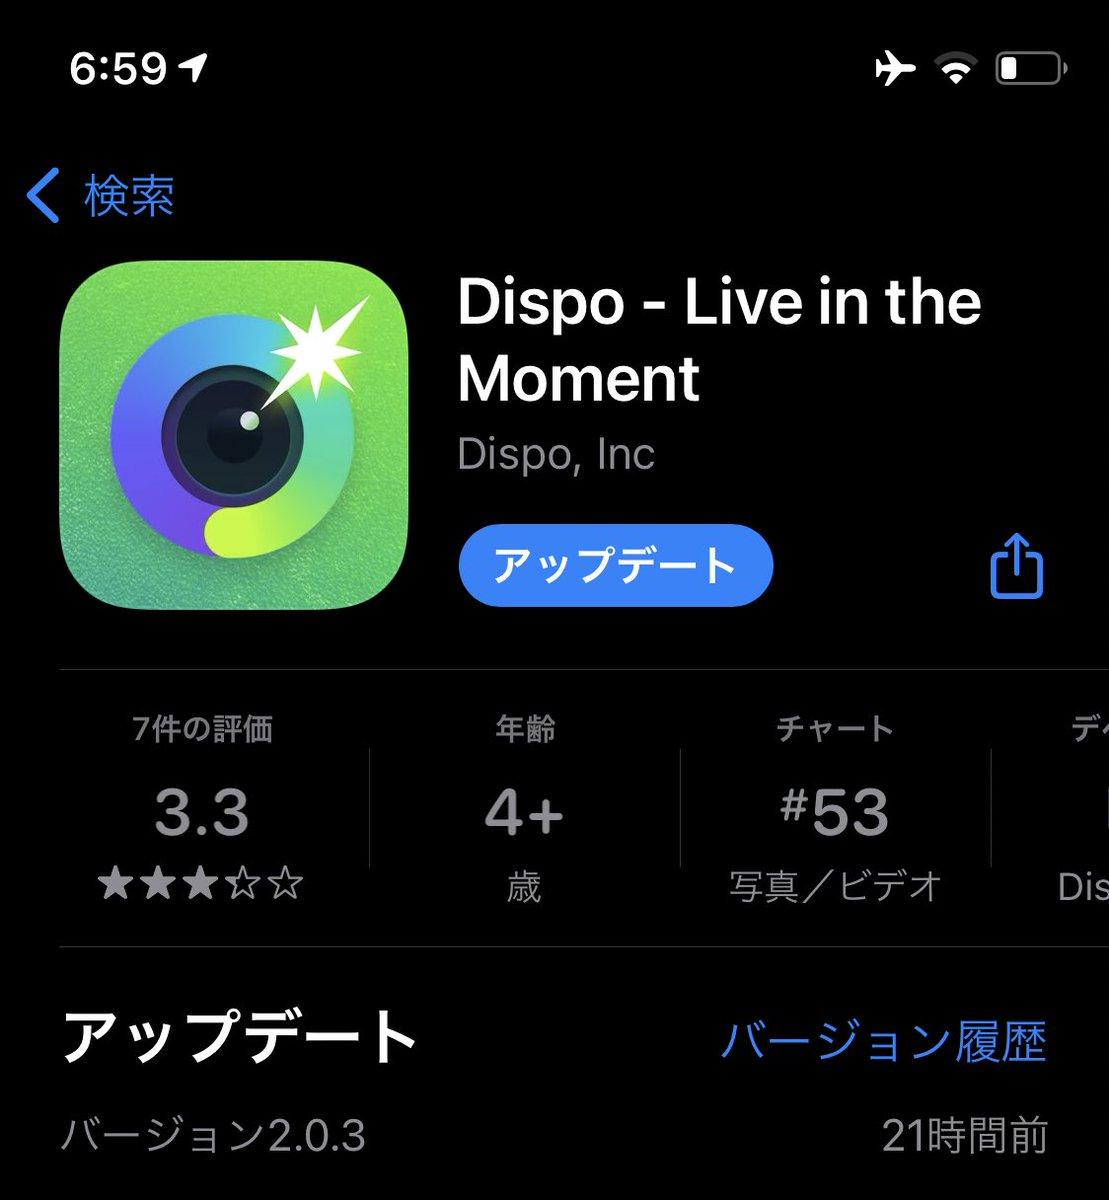 Dispoがショップ公開!オリジナルグッズ販売開始&招待制廃止。カメラアプリ/写真SNS ディスポ 最新ニュース 2021年3月